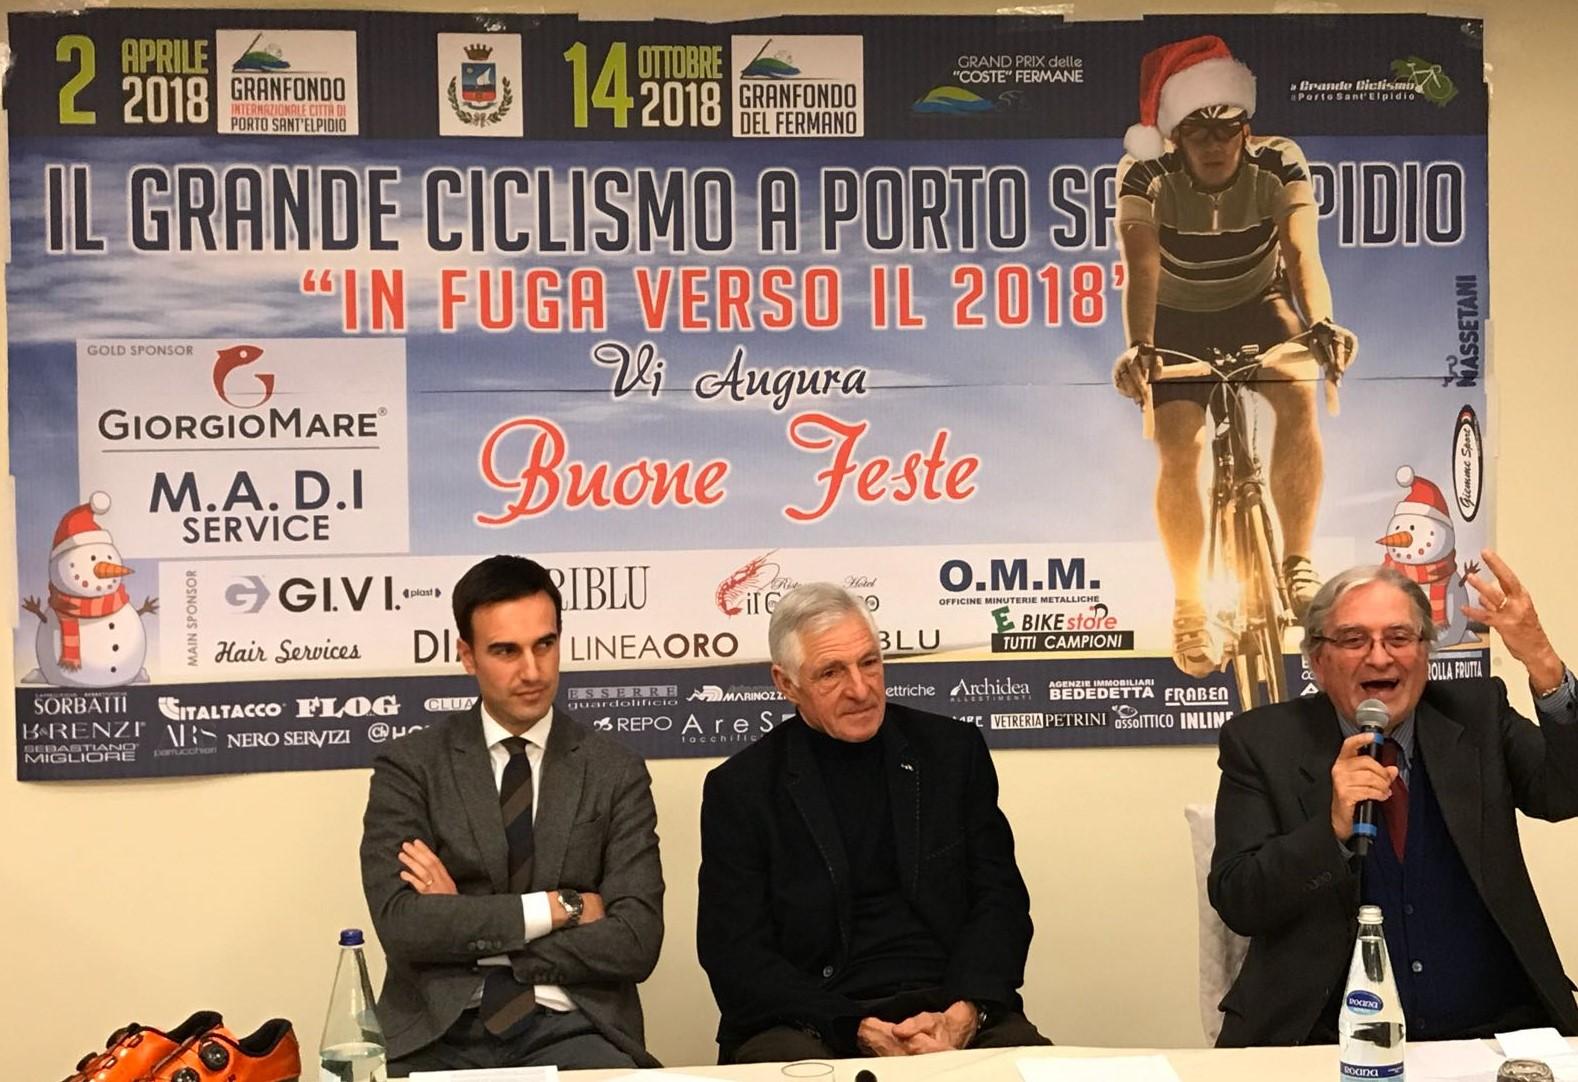 Francesco Moser, Giorgio Martino e il sindaco di Porto Sant'Elpido, in fuga verso il 2018, al ristorante il Gambero